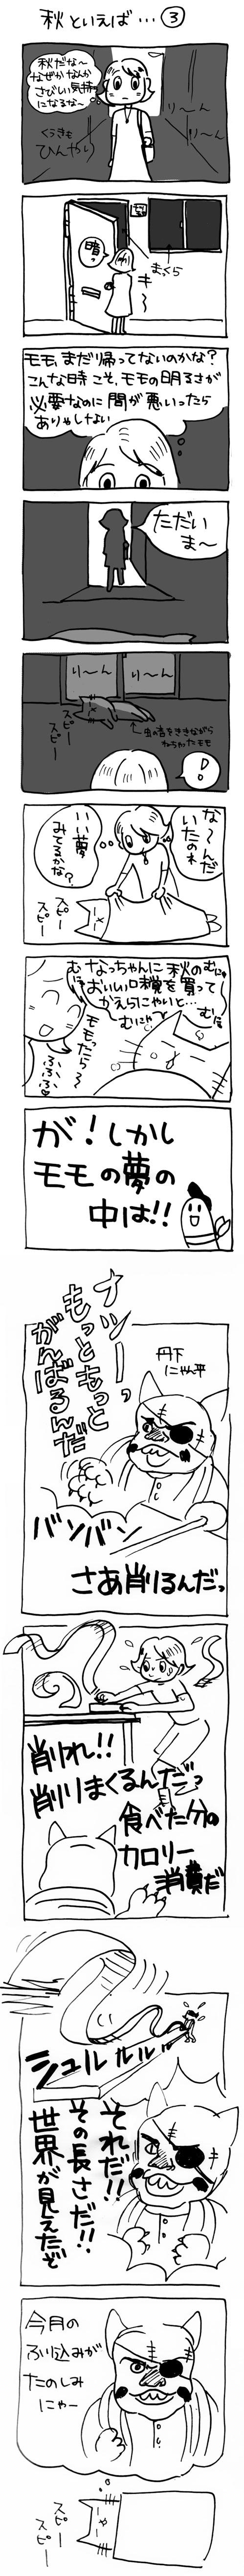 木工漫画 秋といえば ③ 0923